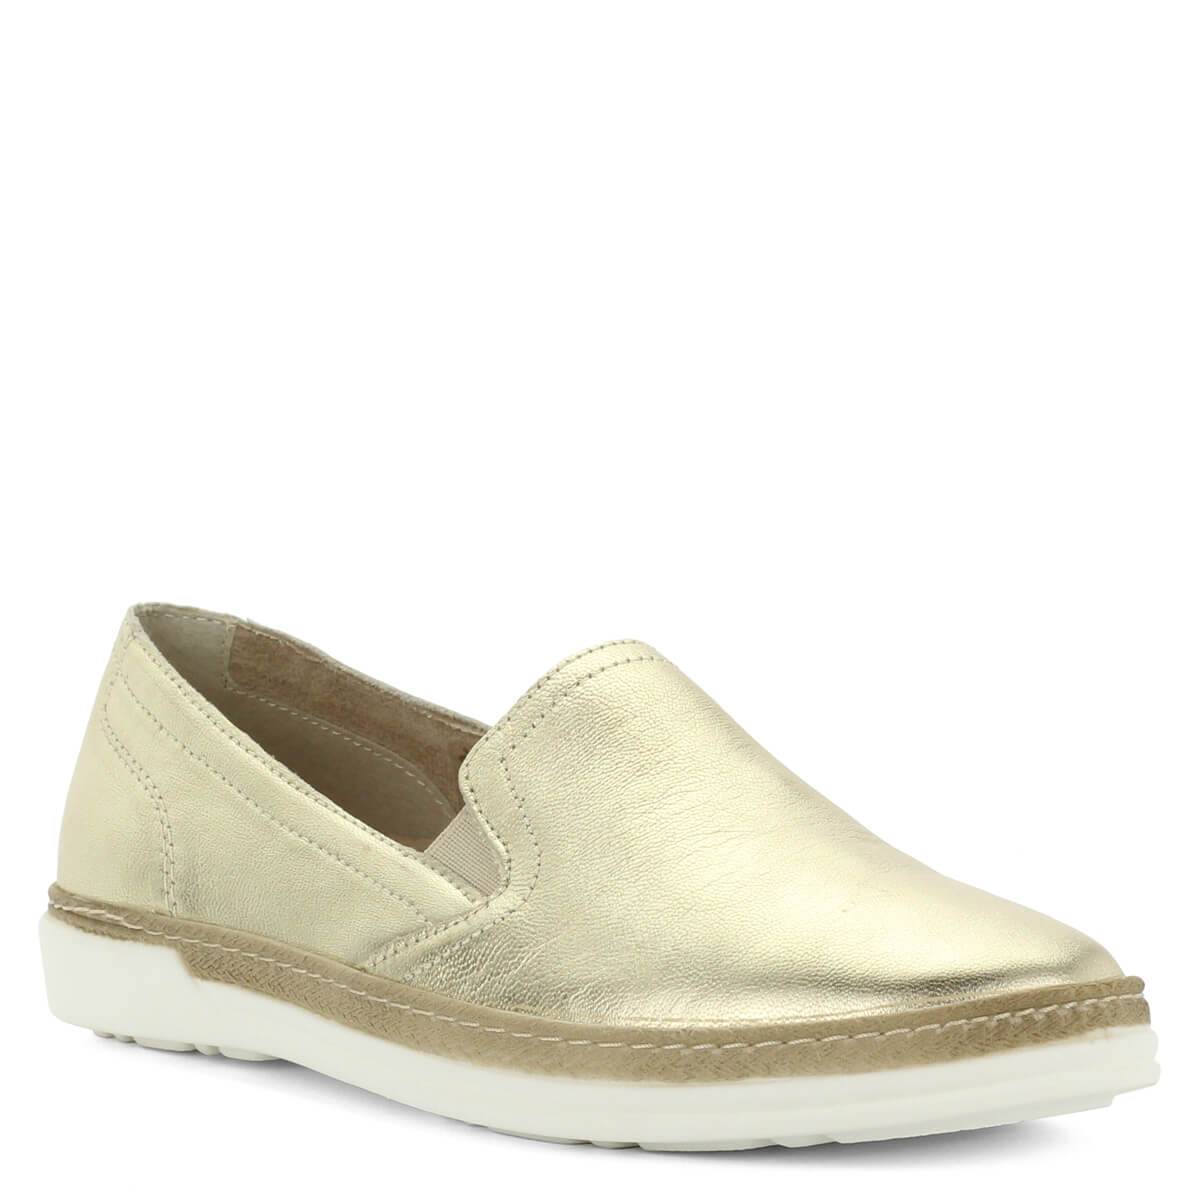 c43accf25f Aeros arany bőr slipon. Kényelmes olasz gyártású, bőrből készült könnyű női  cipő.